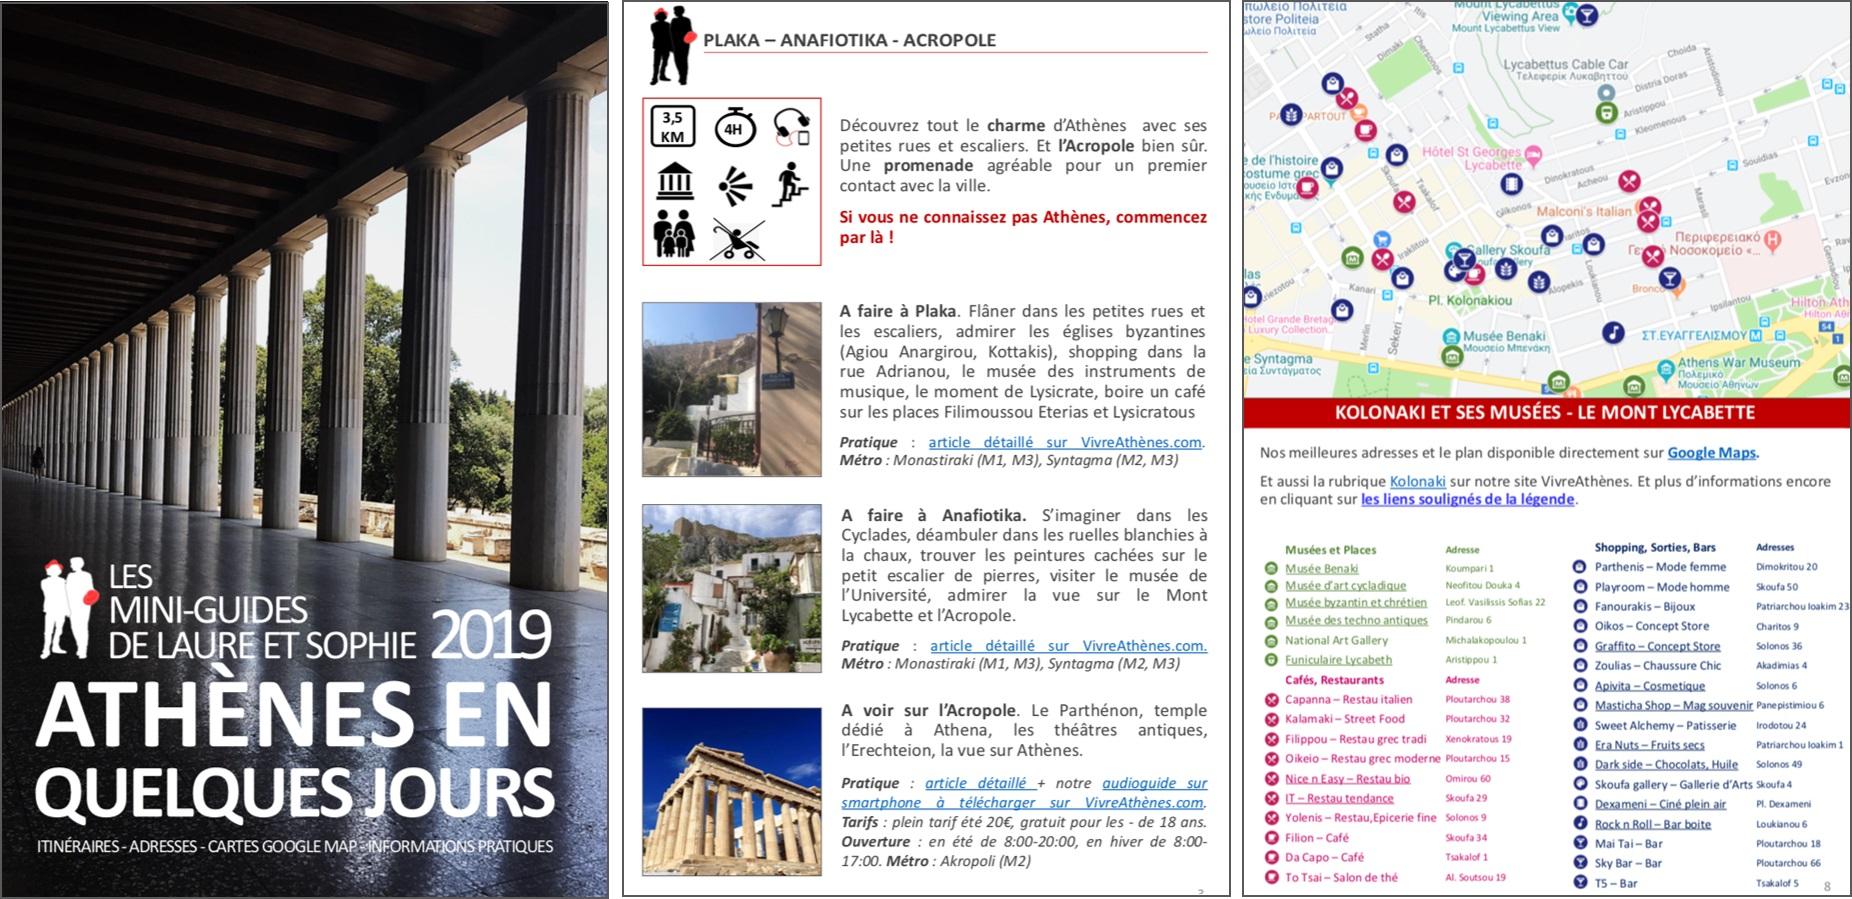 visiter athènes en quelques jours itinéraires adresses quartiers monuments